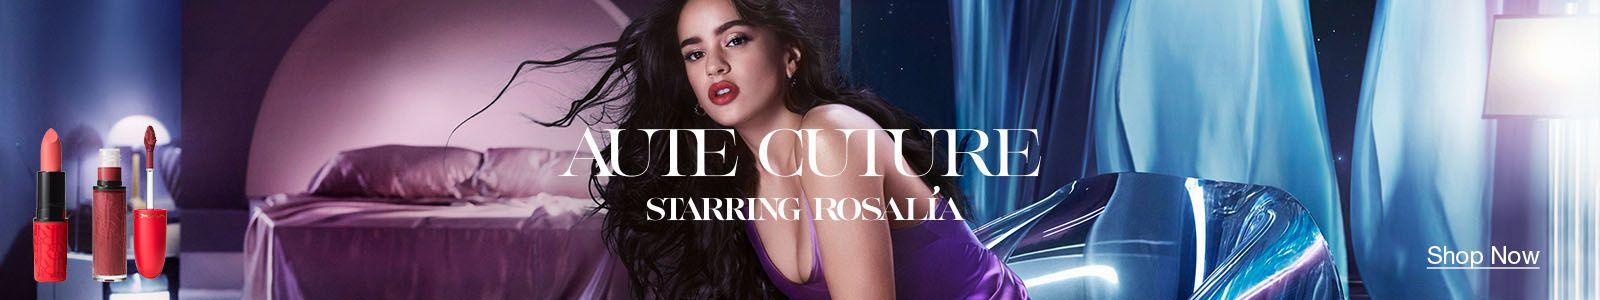 Aute Cuture, Starring Rosalia